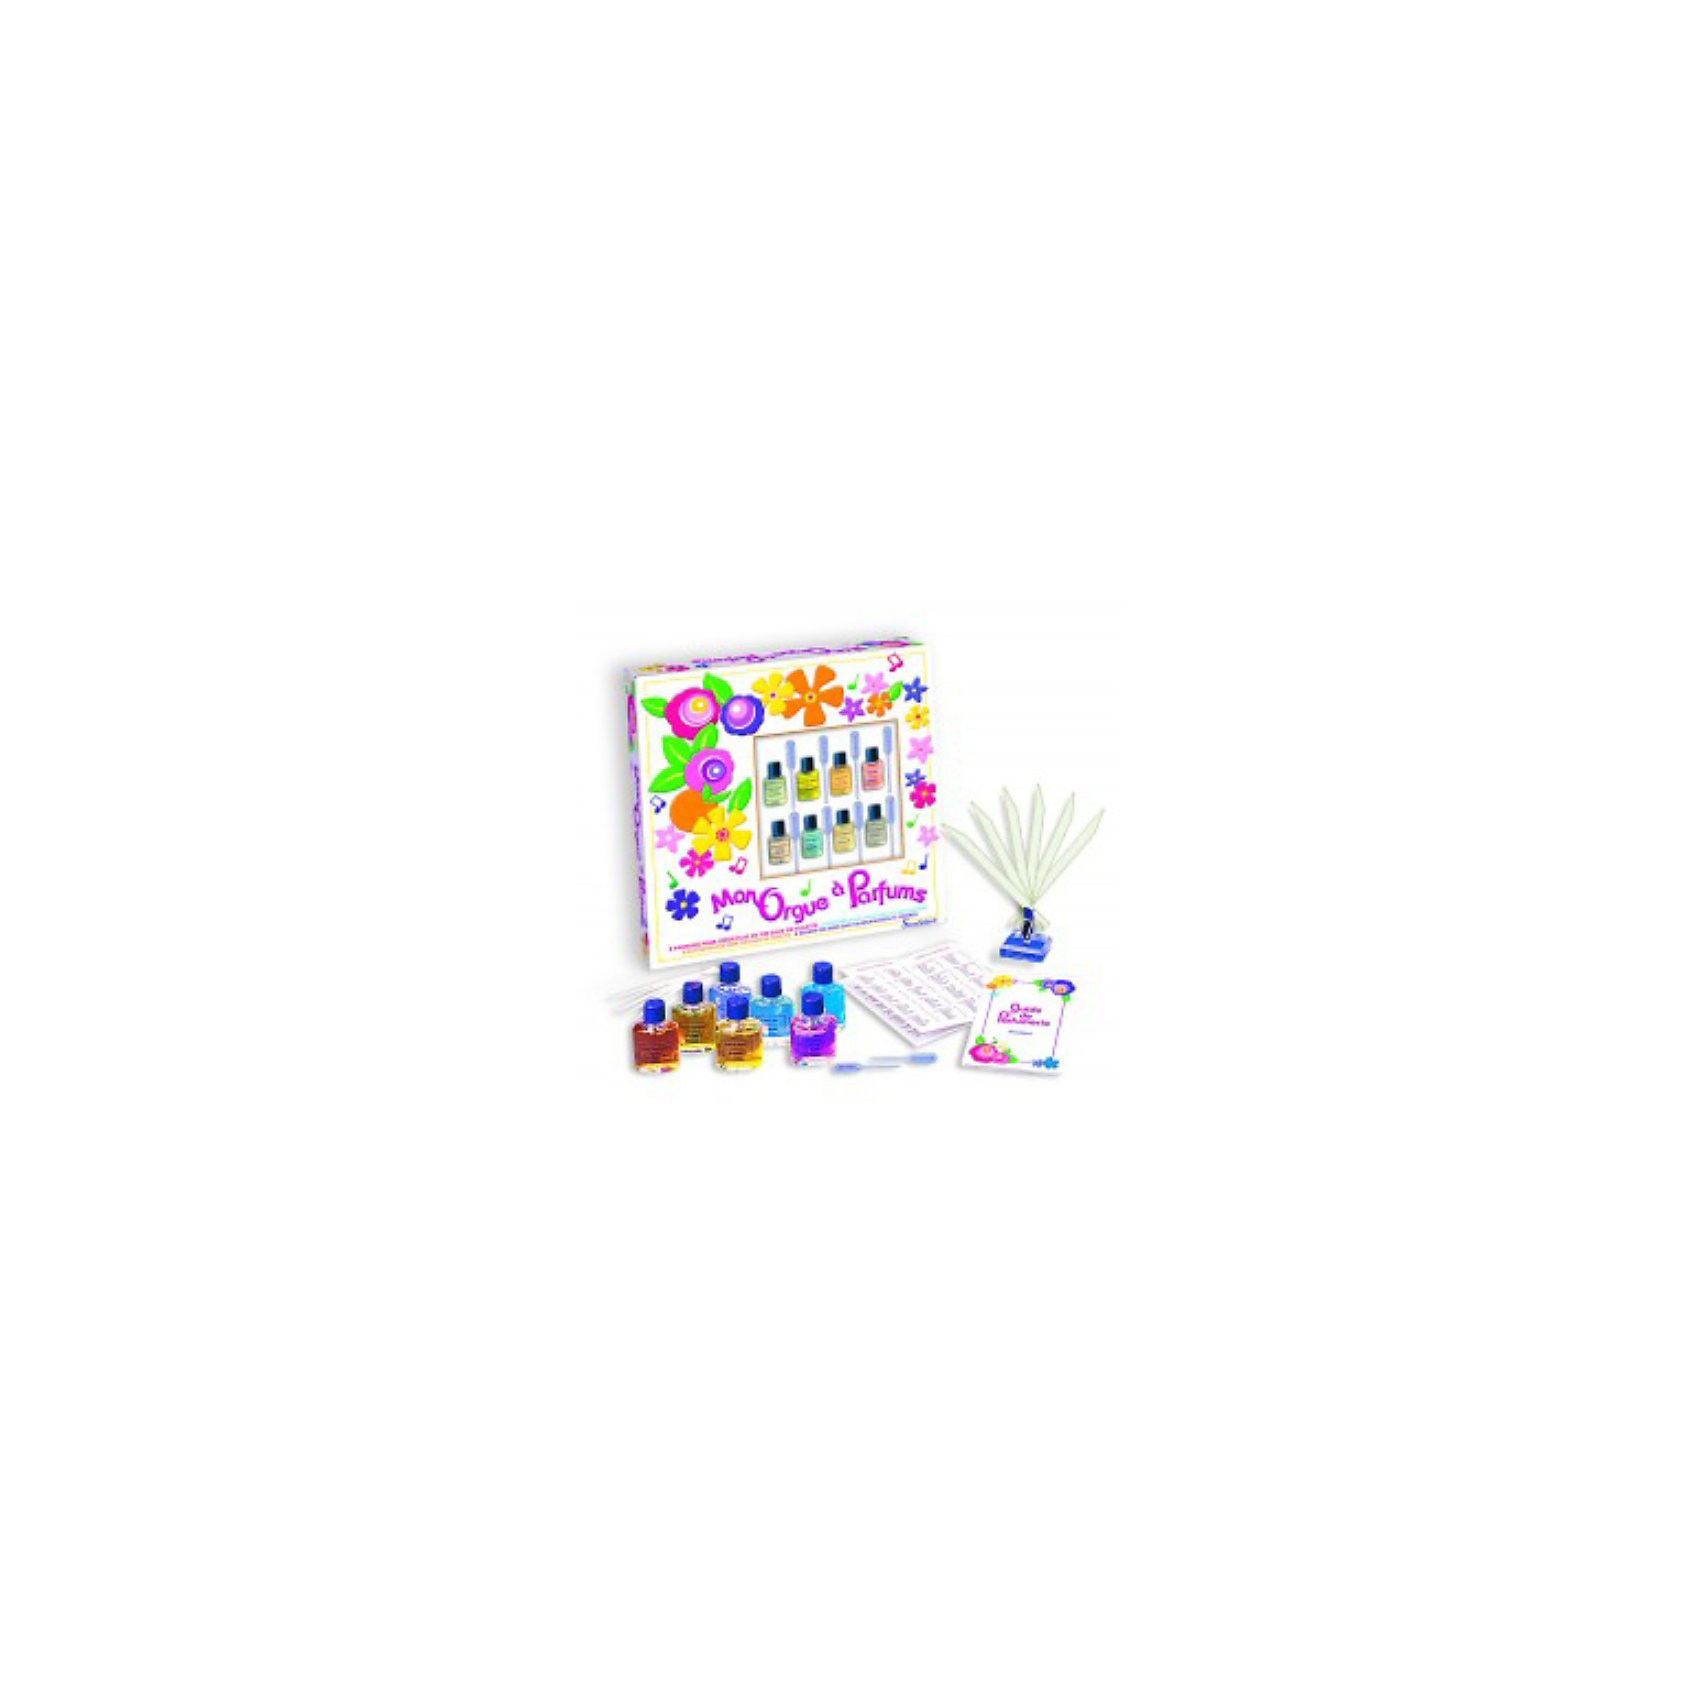 SentoSpherе 102 Набор ароматических запахов ПарфюмКосметика, грим и парфюмерия<br>Набор для изготовления духов. Необходимо выбрать одну из формул из путеводителя и пустой флакон, отсчитать указанное количество капель для каждой вытяжки или духов, добавить воды, перемешайте. Духи готовы! 8 базовых ароматов, 8 пипеток, 5 пустых флаконов, 1 путеводитель по парфюмерии, полоски тестера<br><br>Ширина мм: 280<br>Глубина мм: 60<br>Высота мм: 340<br>Вес г: 460<br>Возраст от месяцев: 36<br>Возраст до месяцев: 2147483647<br>Пол: Женский<br>Возраст: Детский<br>SKU: 2176733